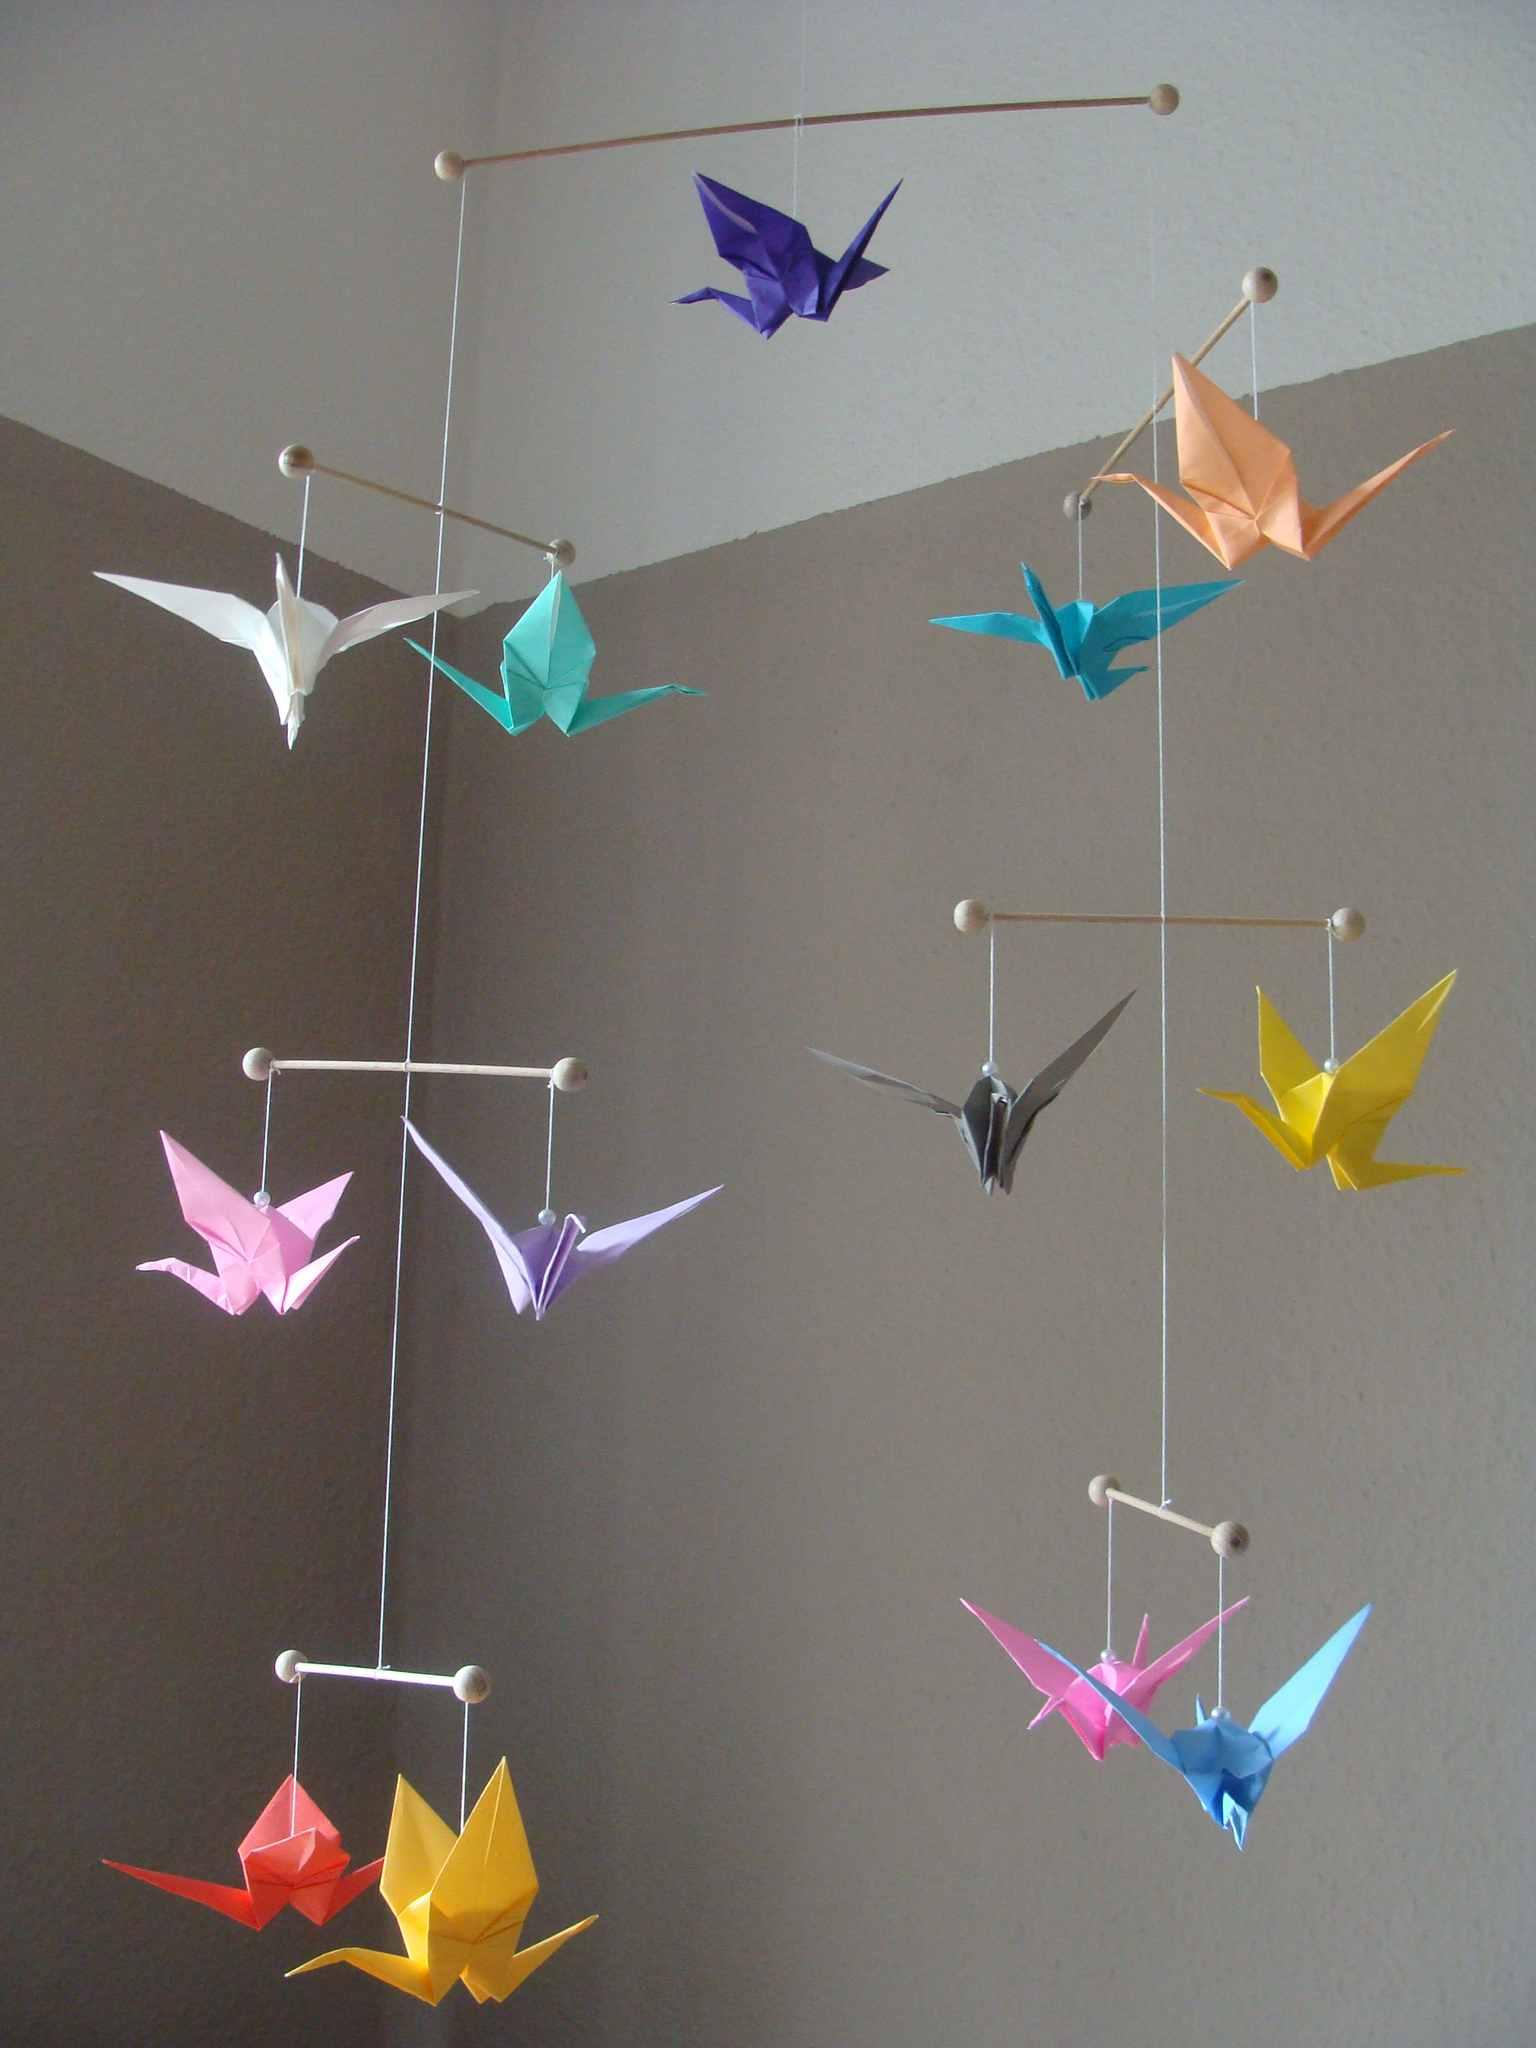 Origami Facile : L'art De Plier Le Papier Pour Débutants avec Origami Facile A Faire En Français